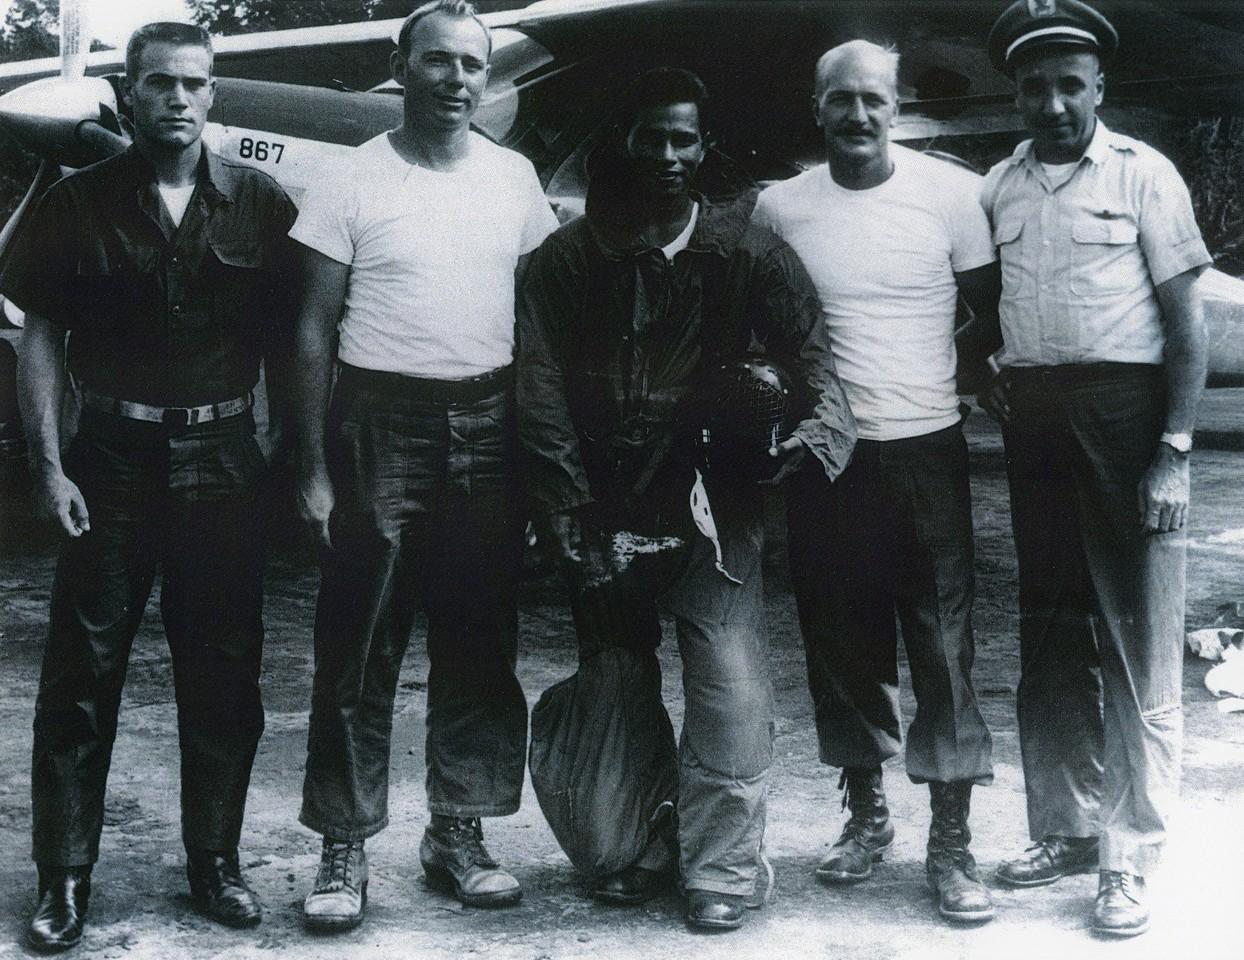 Pitsanoulk Camp Northern Thailand 1964 Thai PARU (Police Aerial Reinforcement Unit) training. 1964.